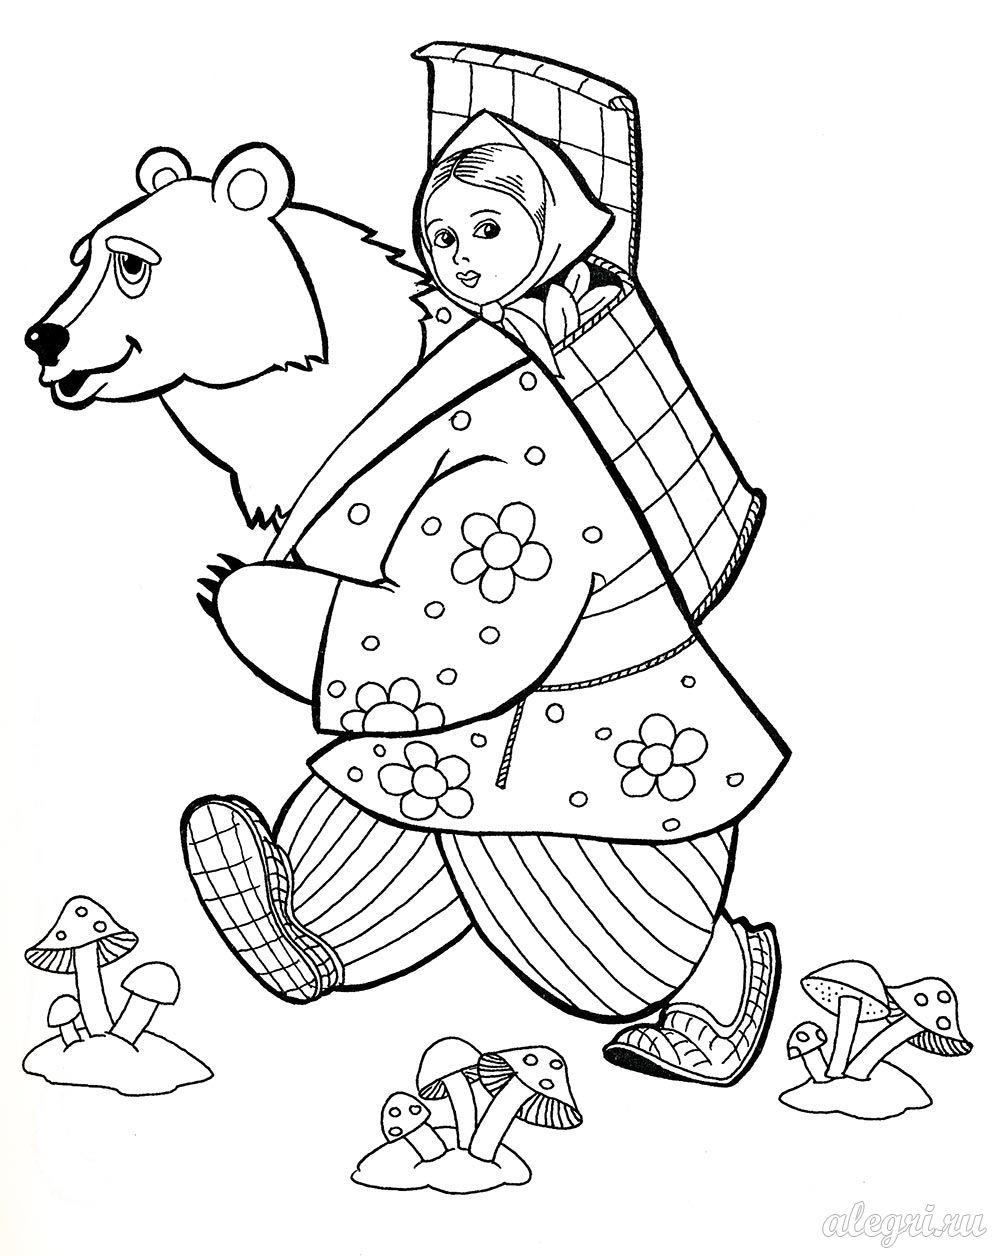 Раскраски к русским народным сказкам для школьников